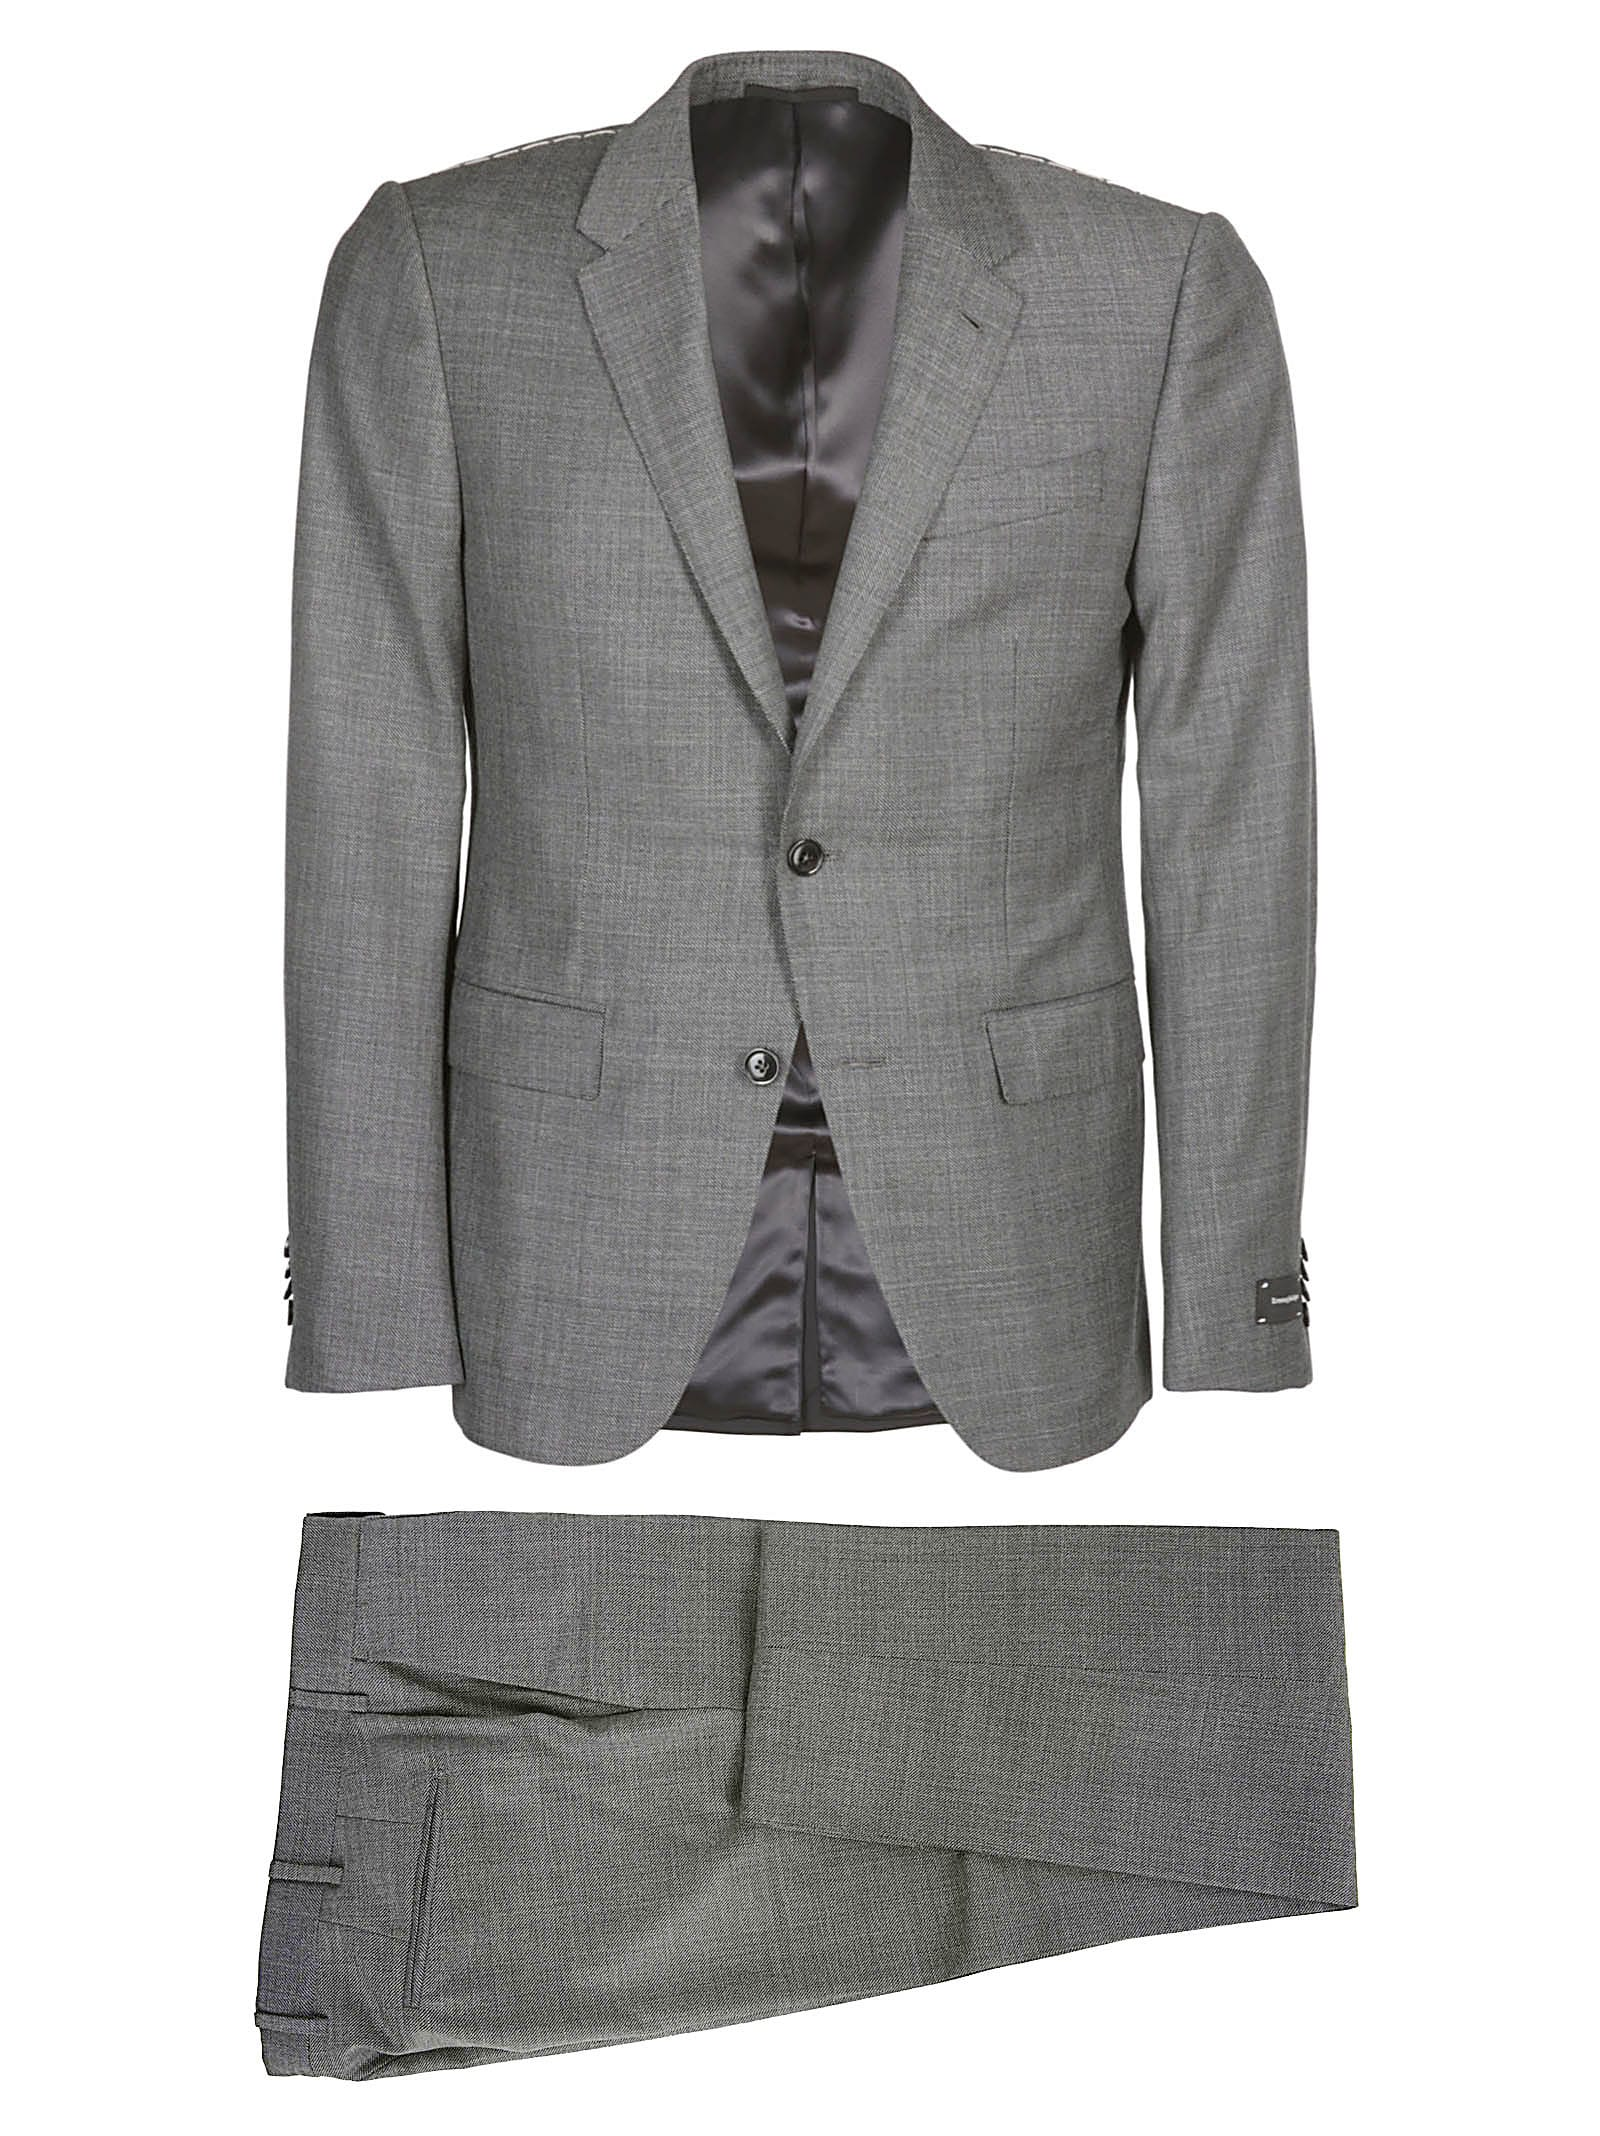 91ca8f98 Ermenegildo Zegna Formal Suit